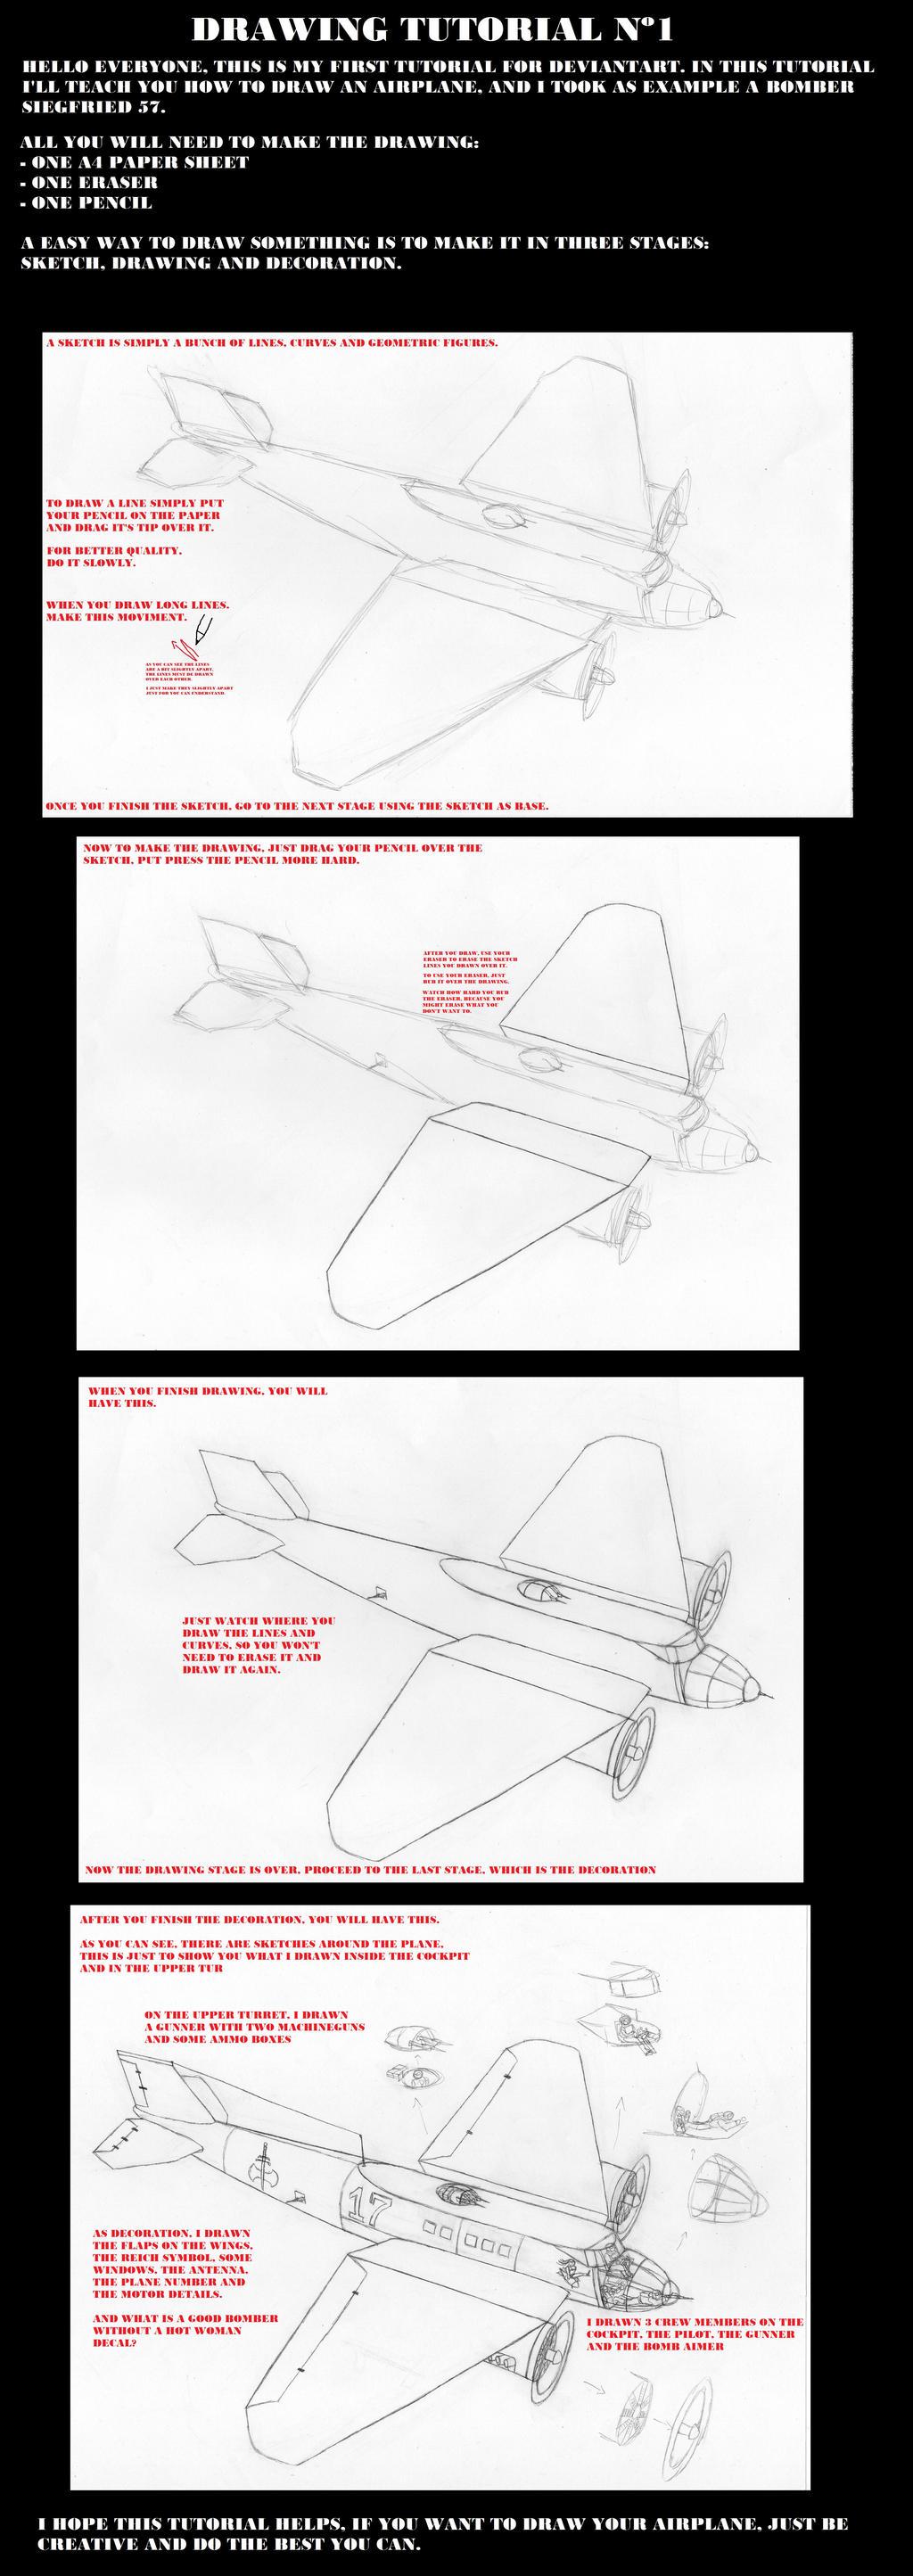 Drawings Tutorial N1 Airplane By Rjdetonador97 On Deviantart